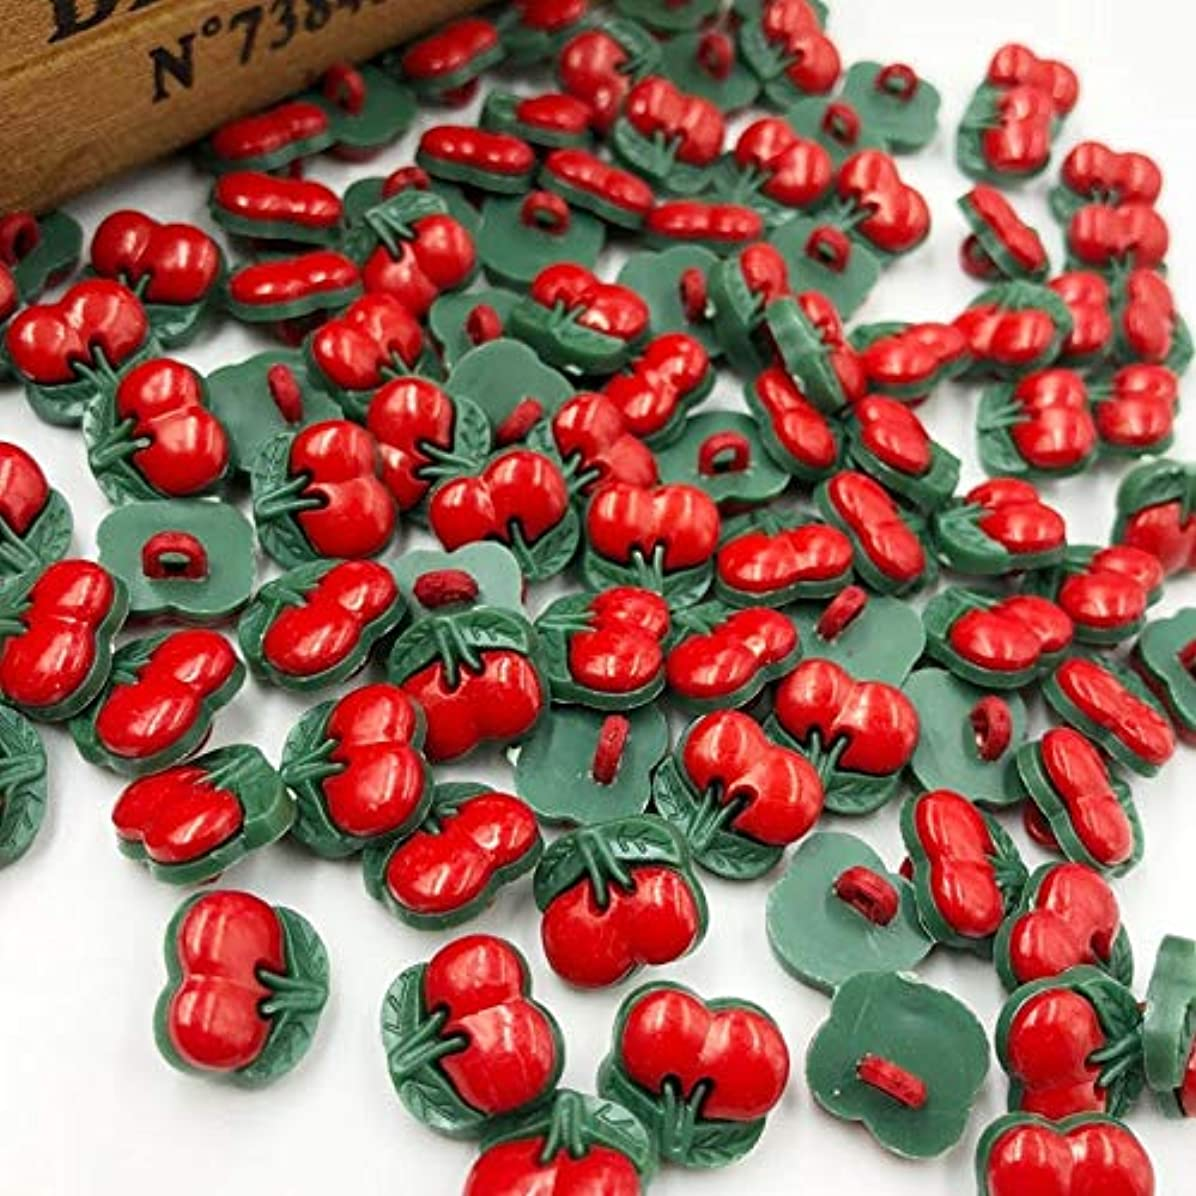 同行準備するドアJicorzo - U選ぶレッドチェリープラスチックボタン縫製ボタンDIY工芸[50個]